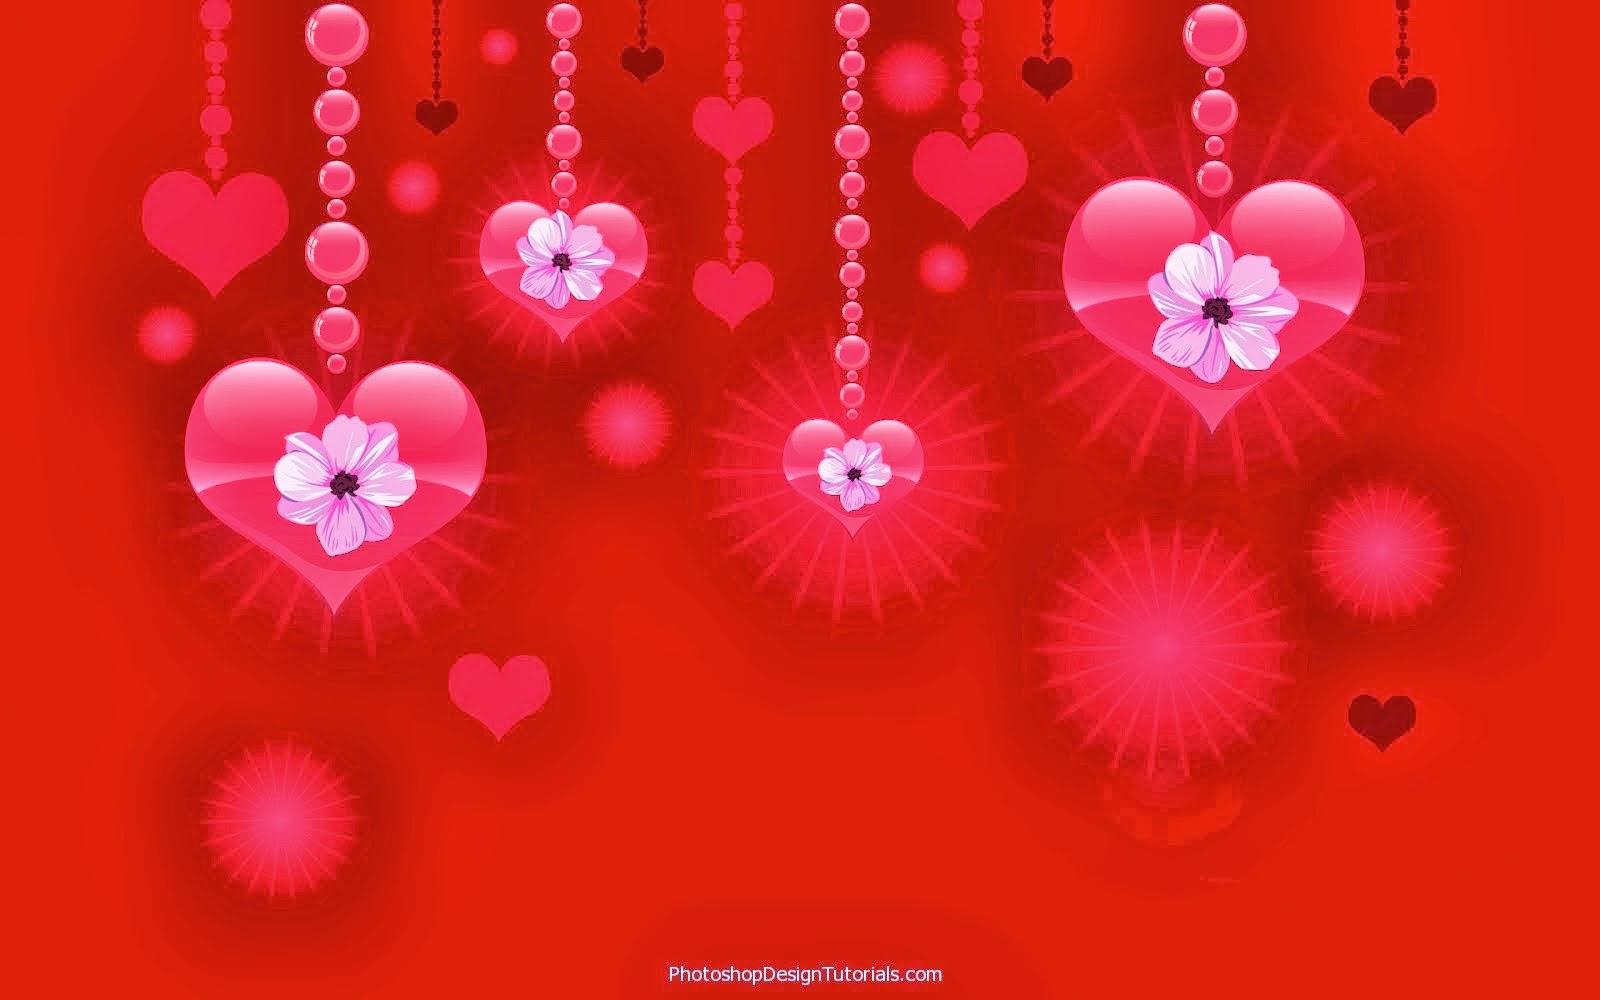 Wonderful Wallpaper Disney Valentines - Ak1bUK  Gallery_625220 .jpg